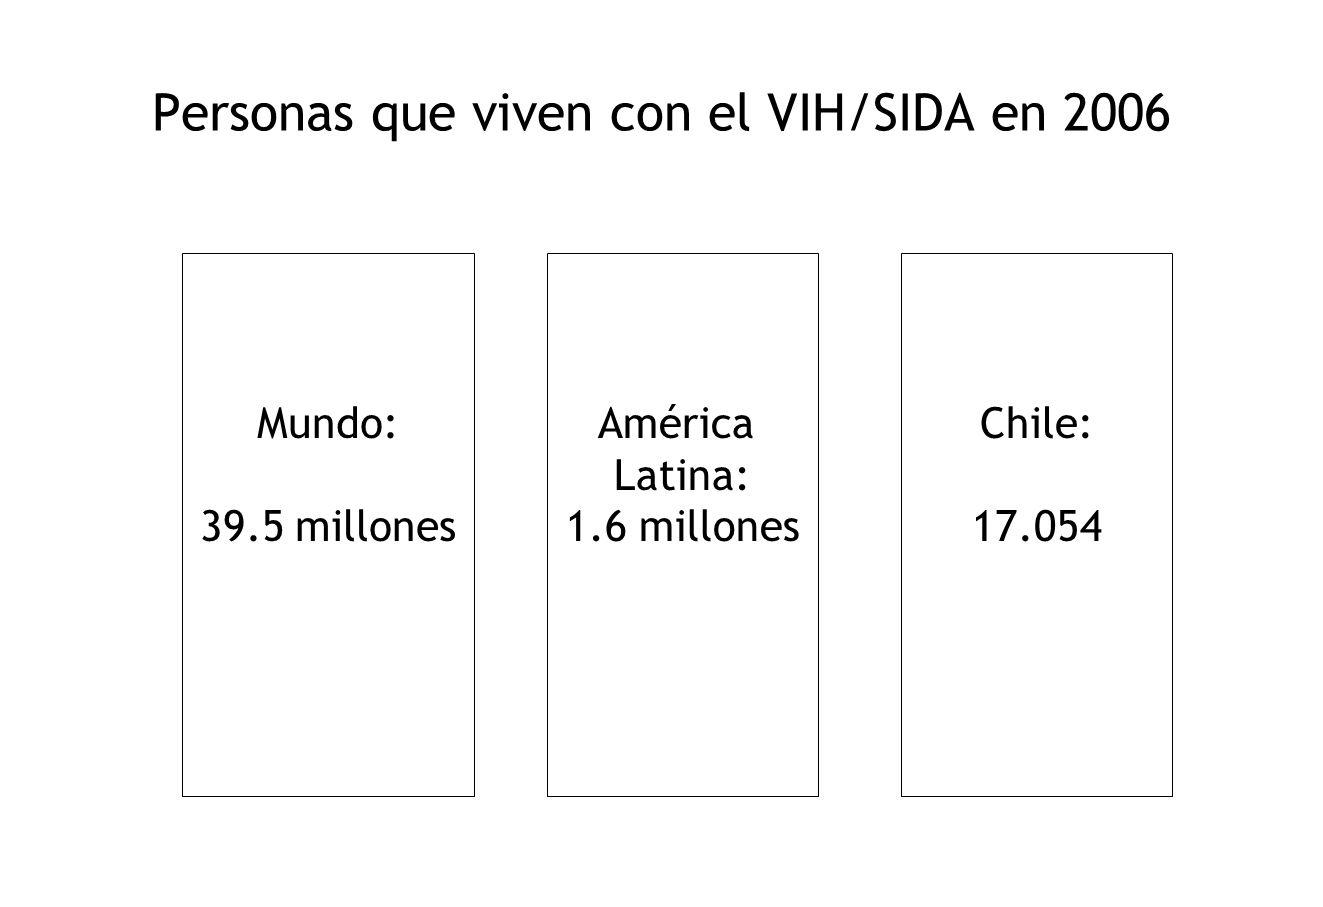 Personas que viven con el VIH/SIDA en 2006